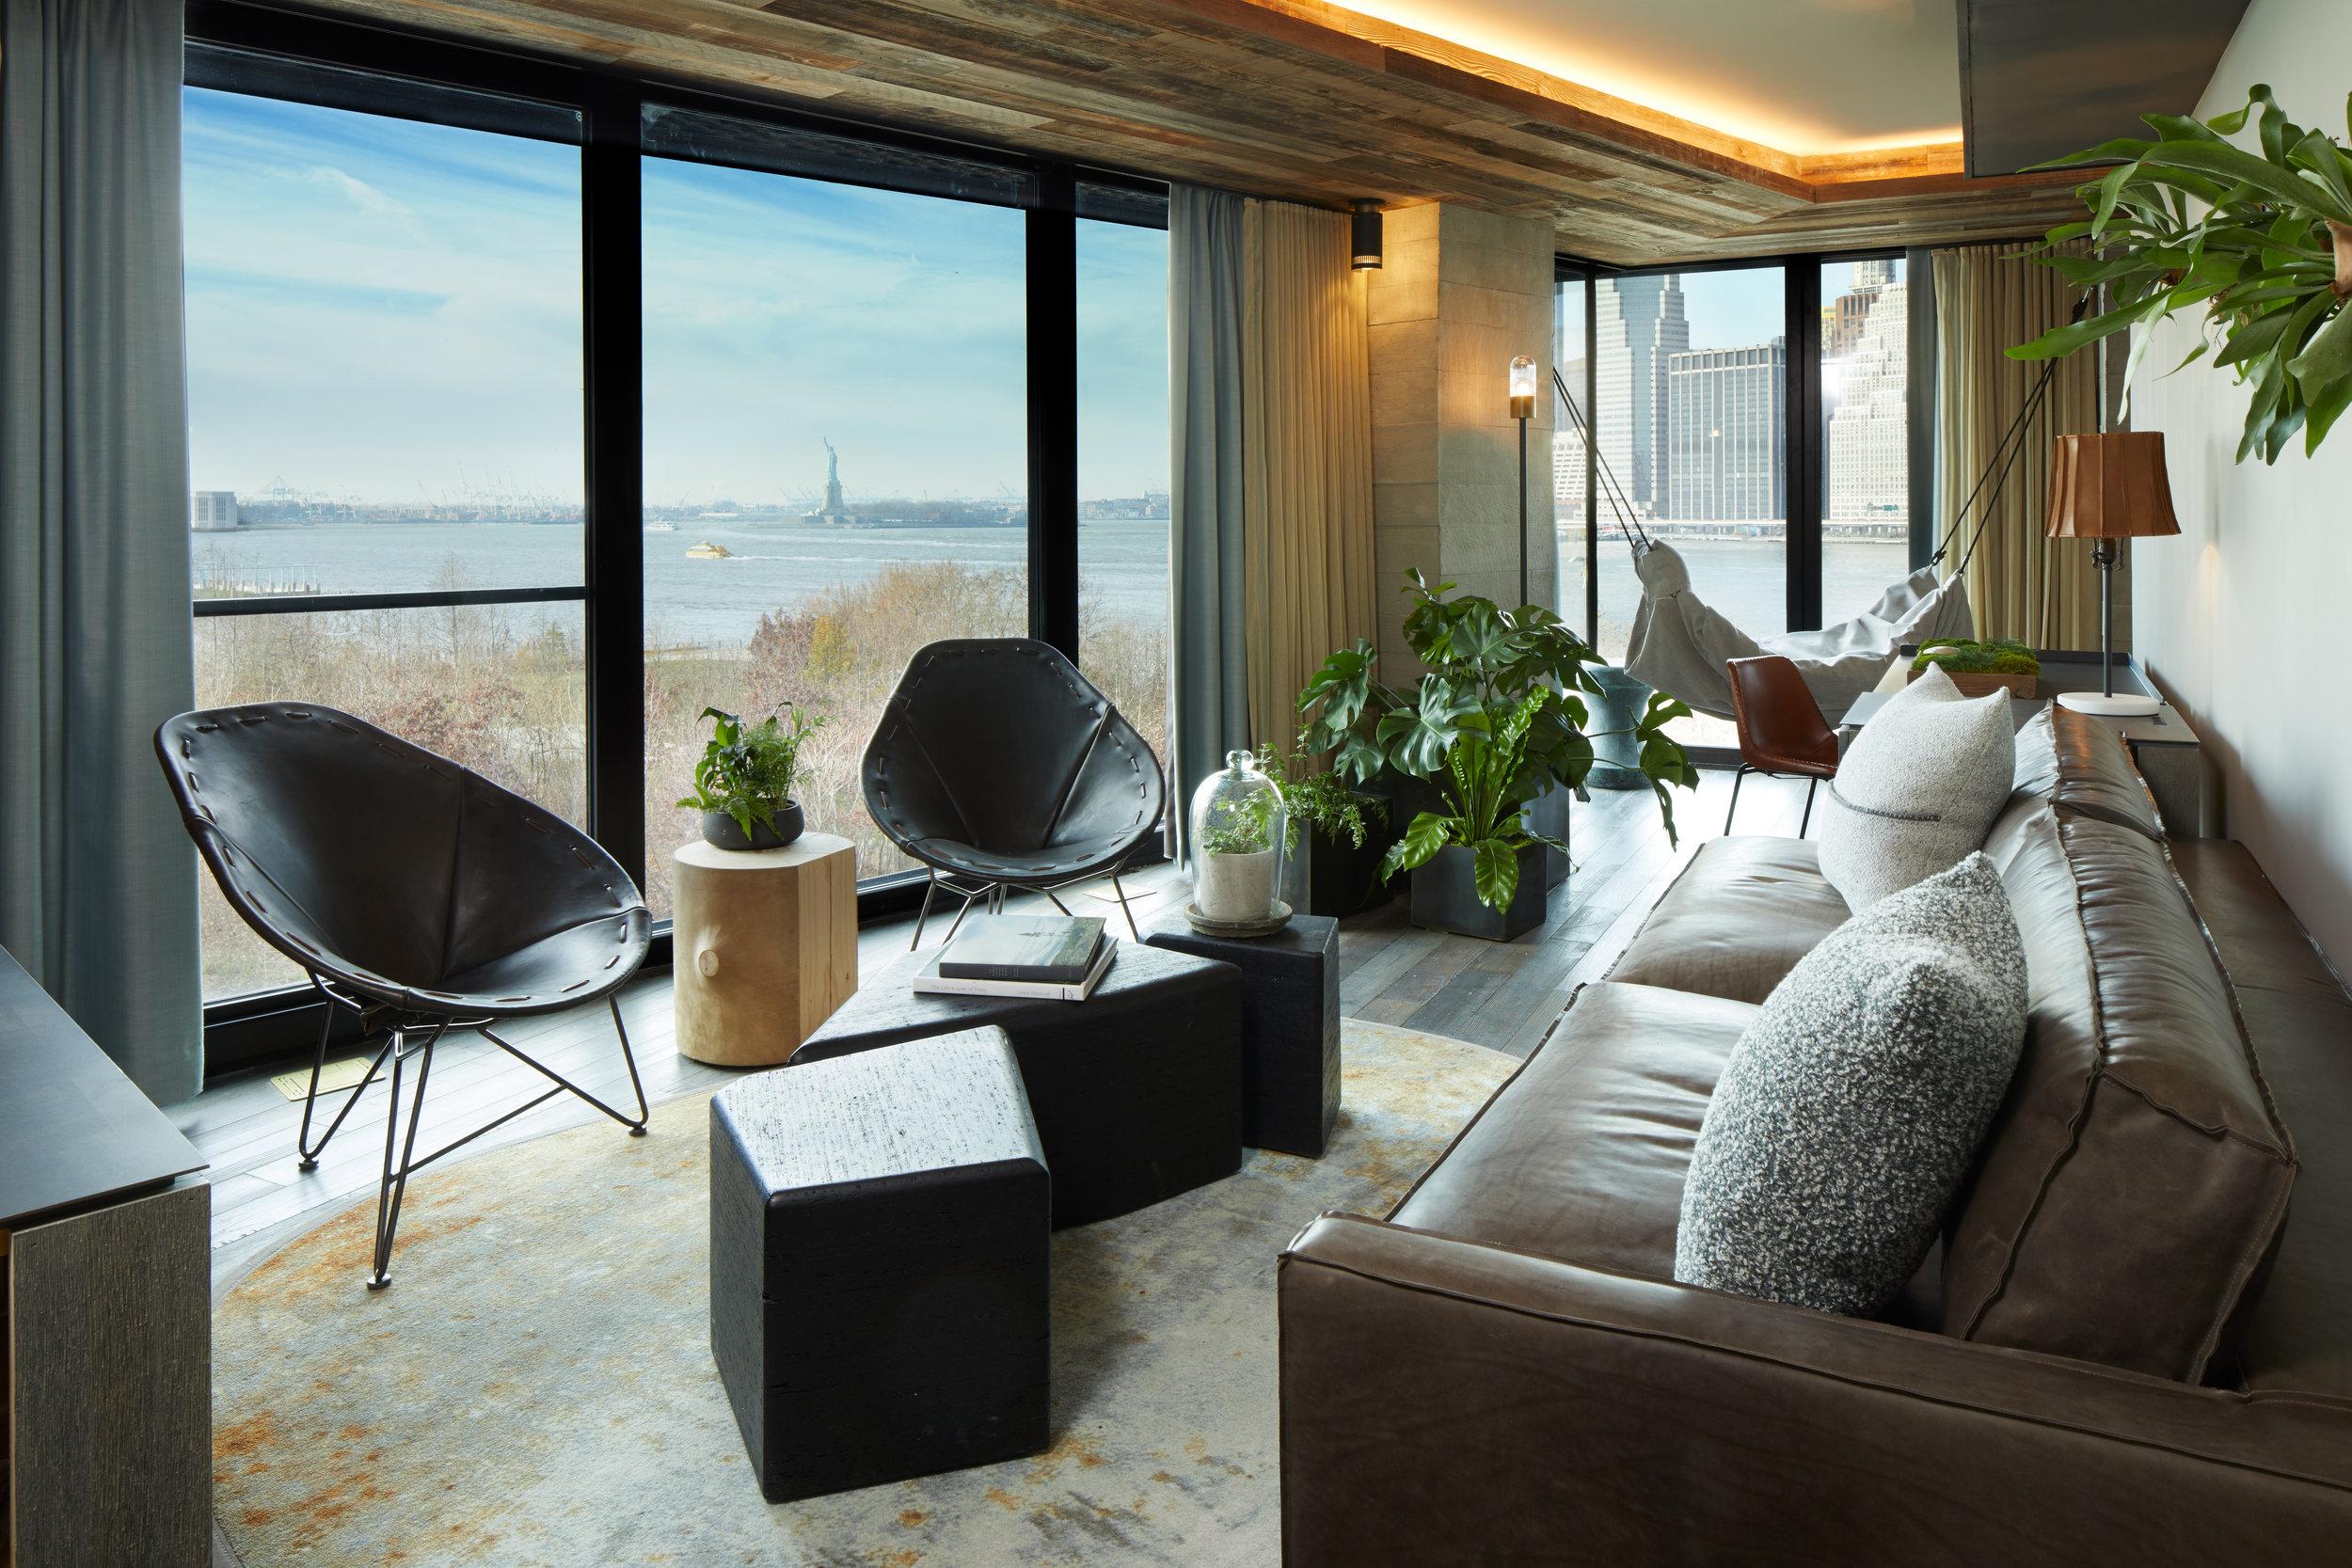 1_Hotel_Brooklyn_Bridge_Suite_Living_Space_HI.jpg